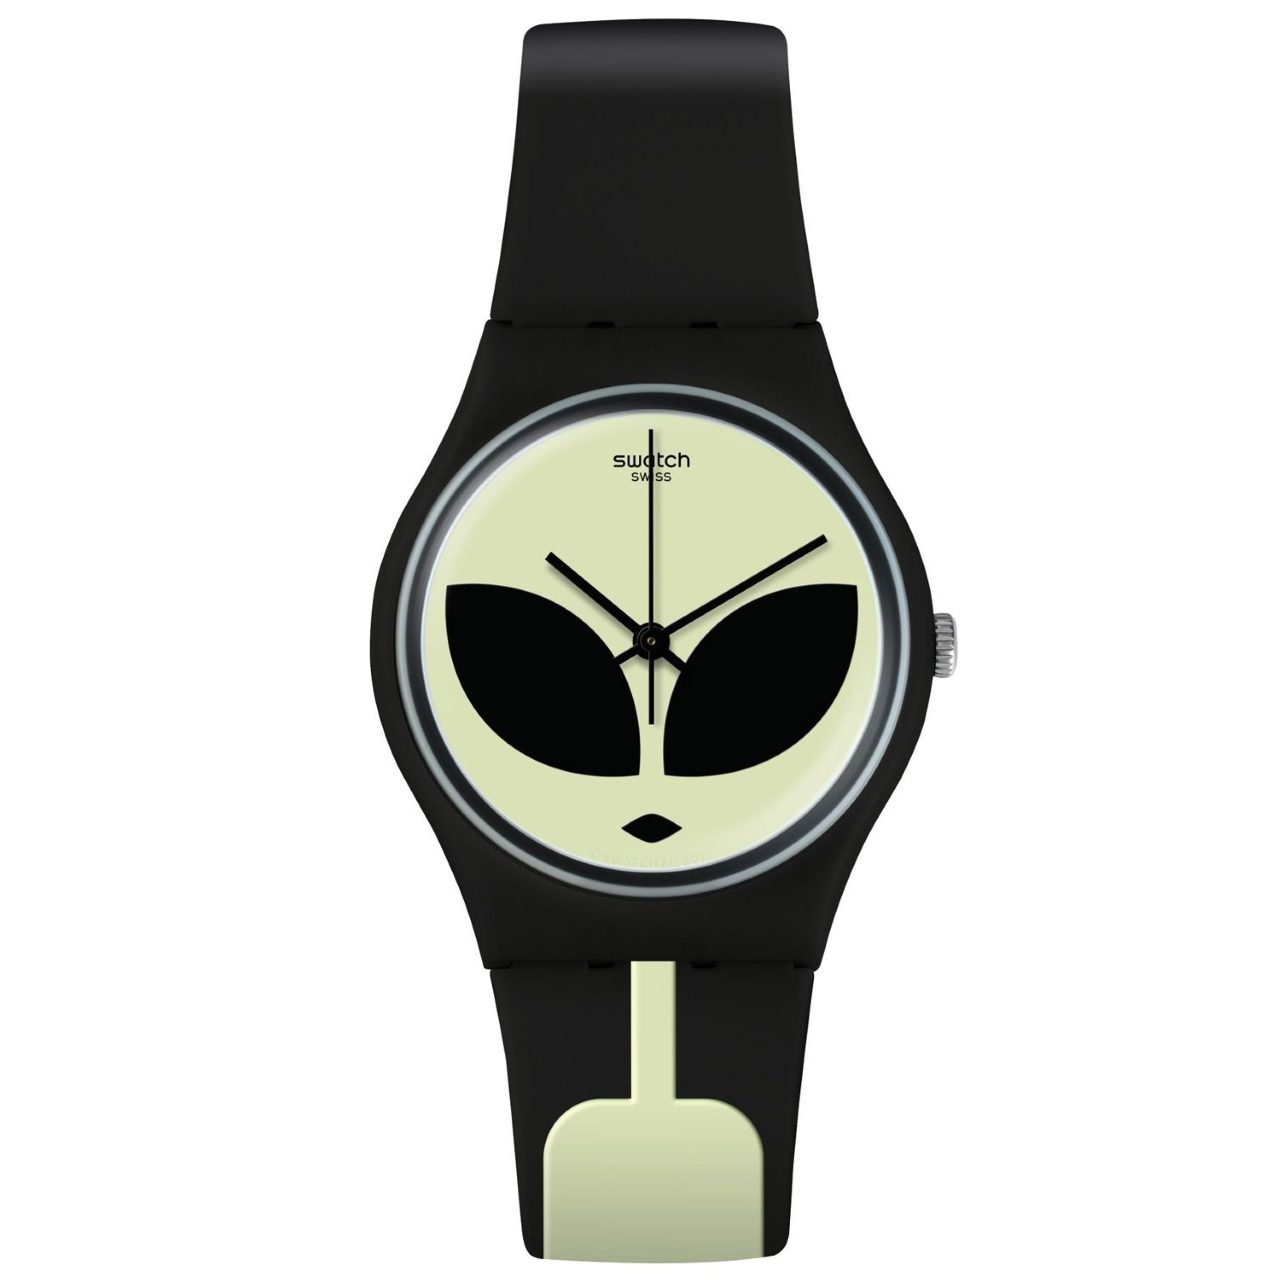 ساعت مچی عقربه ای زنانه سواچ مدل GB307 29